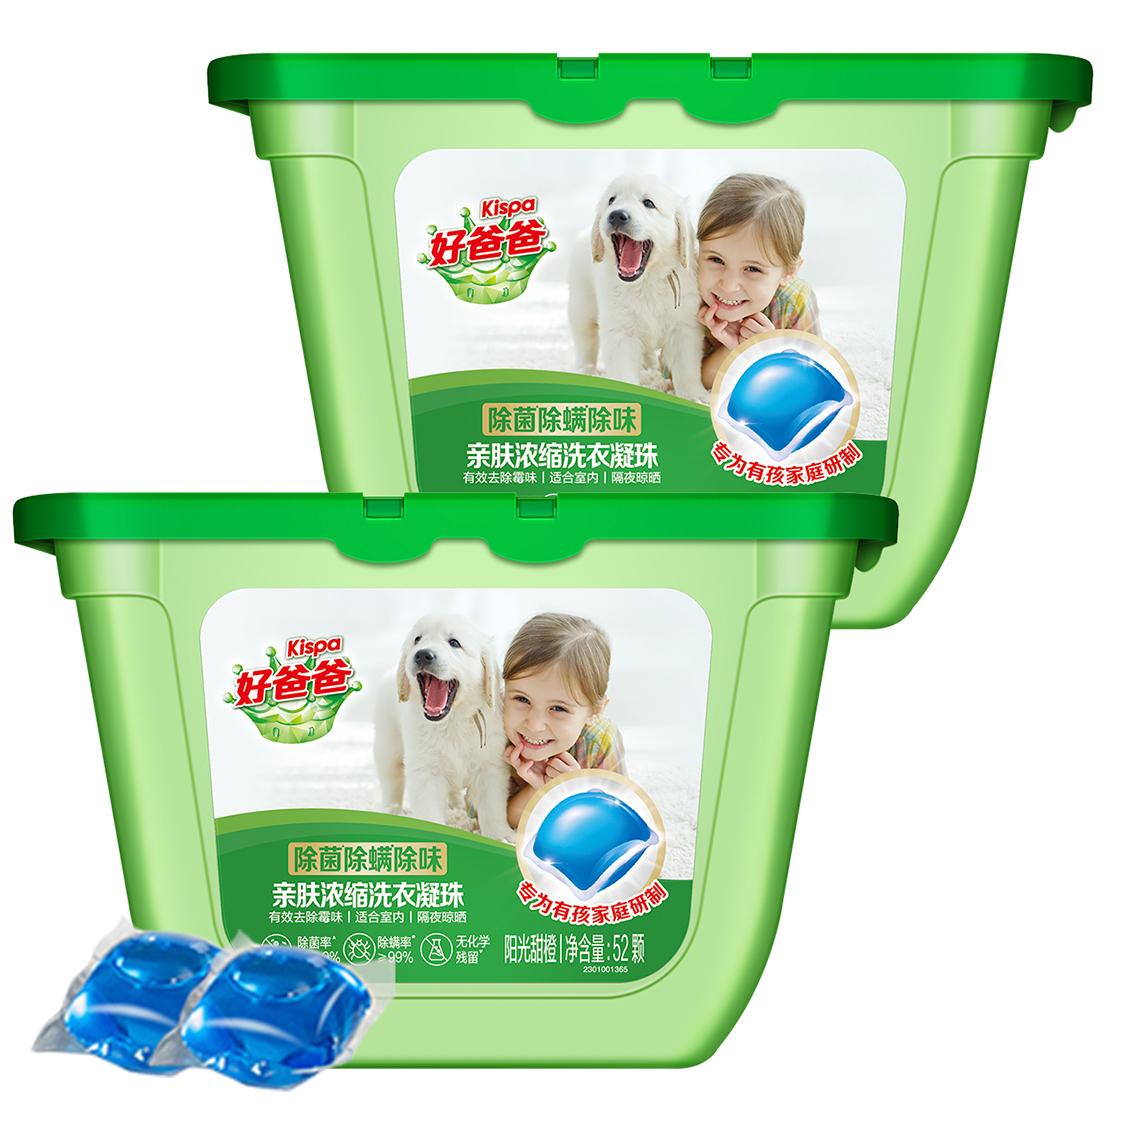 好爸爸洗衣凝珠除螨除菌除味亲肤家庭装去霉味机洗洗衣球104颗2盒